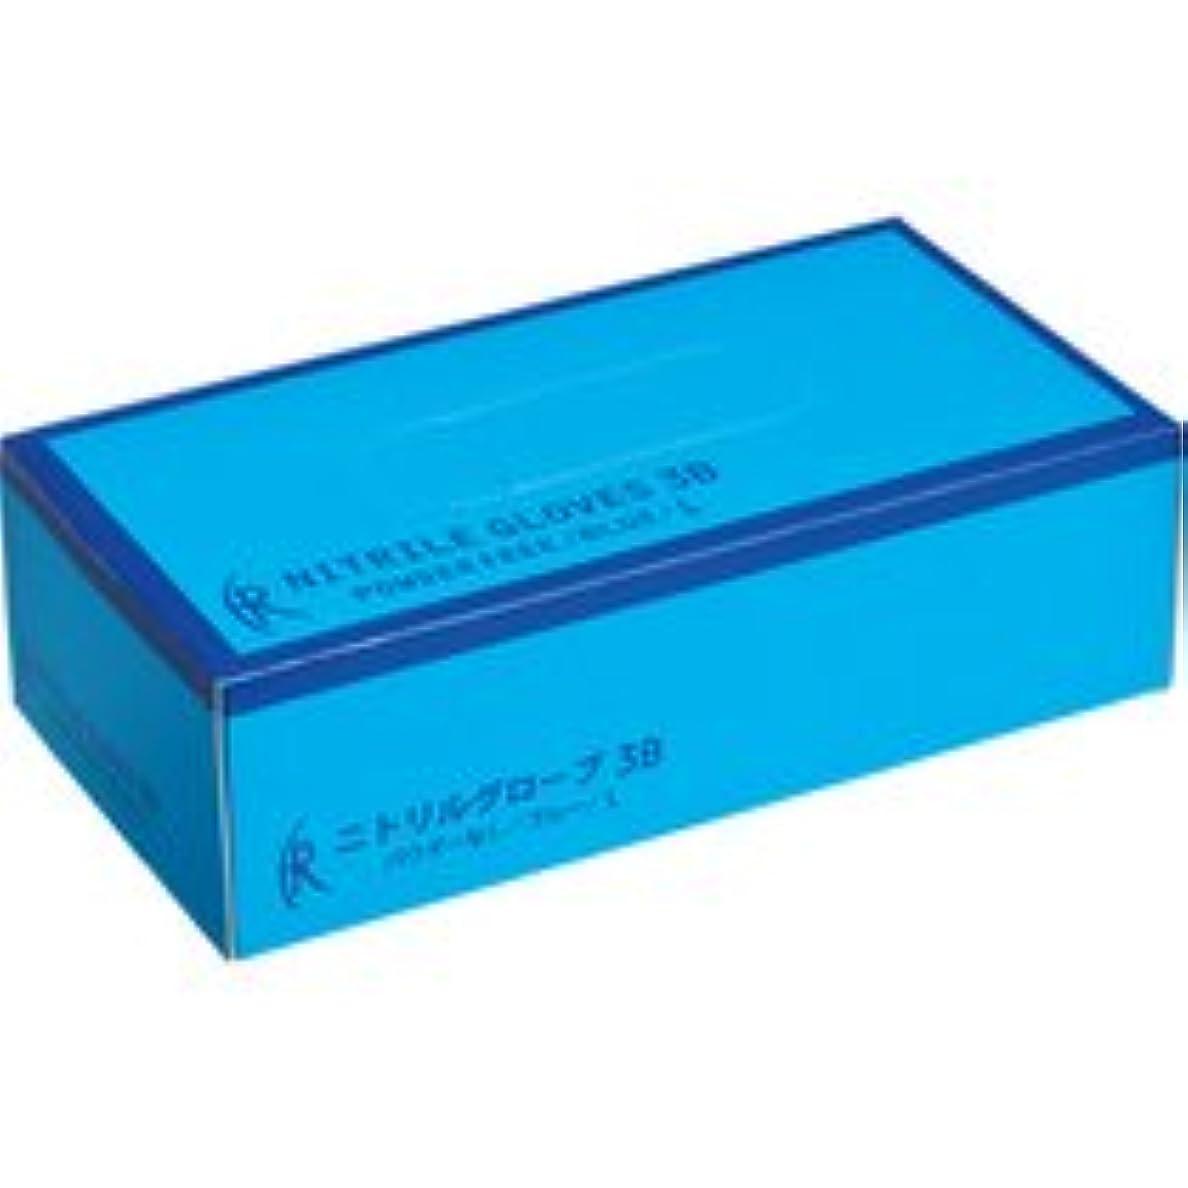 分離劣る信頼できるファーストレイト ニトリルグローブ3B パウダーフリー L FR-5663 1箱(200枚)